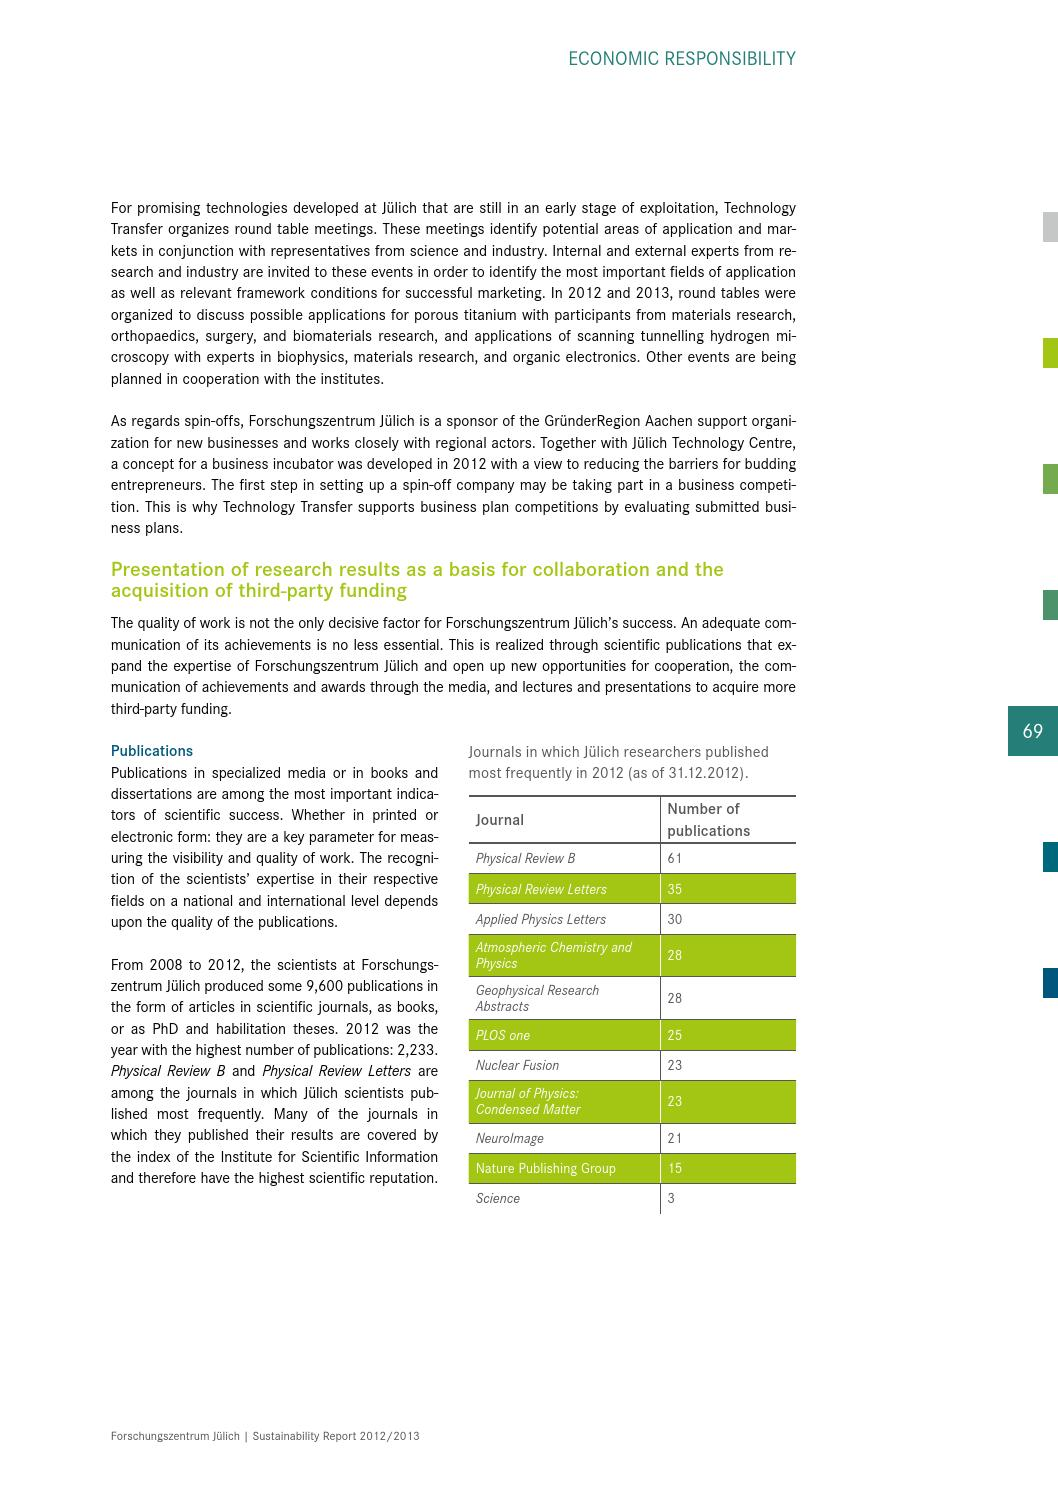 Sustainability Report 2012/2013 by Forschungszentrum Jülich